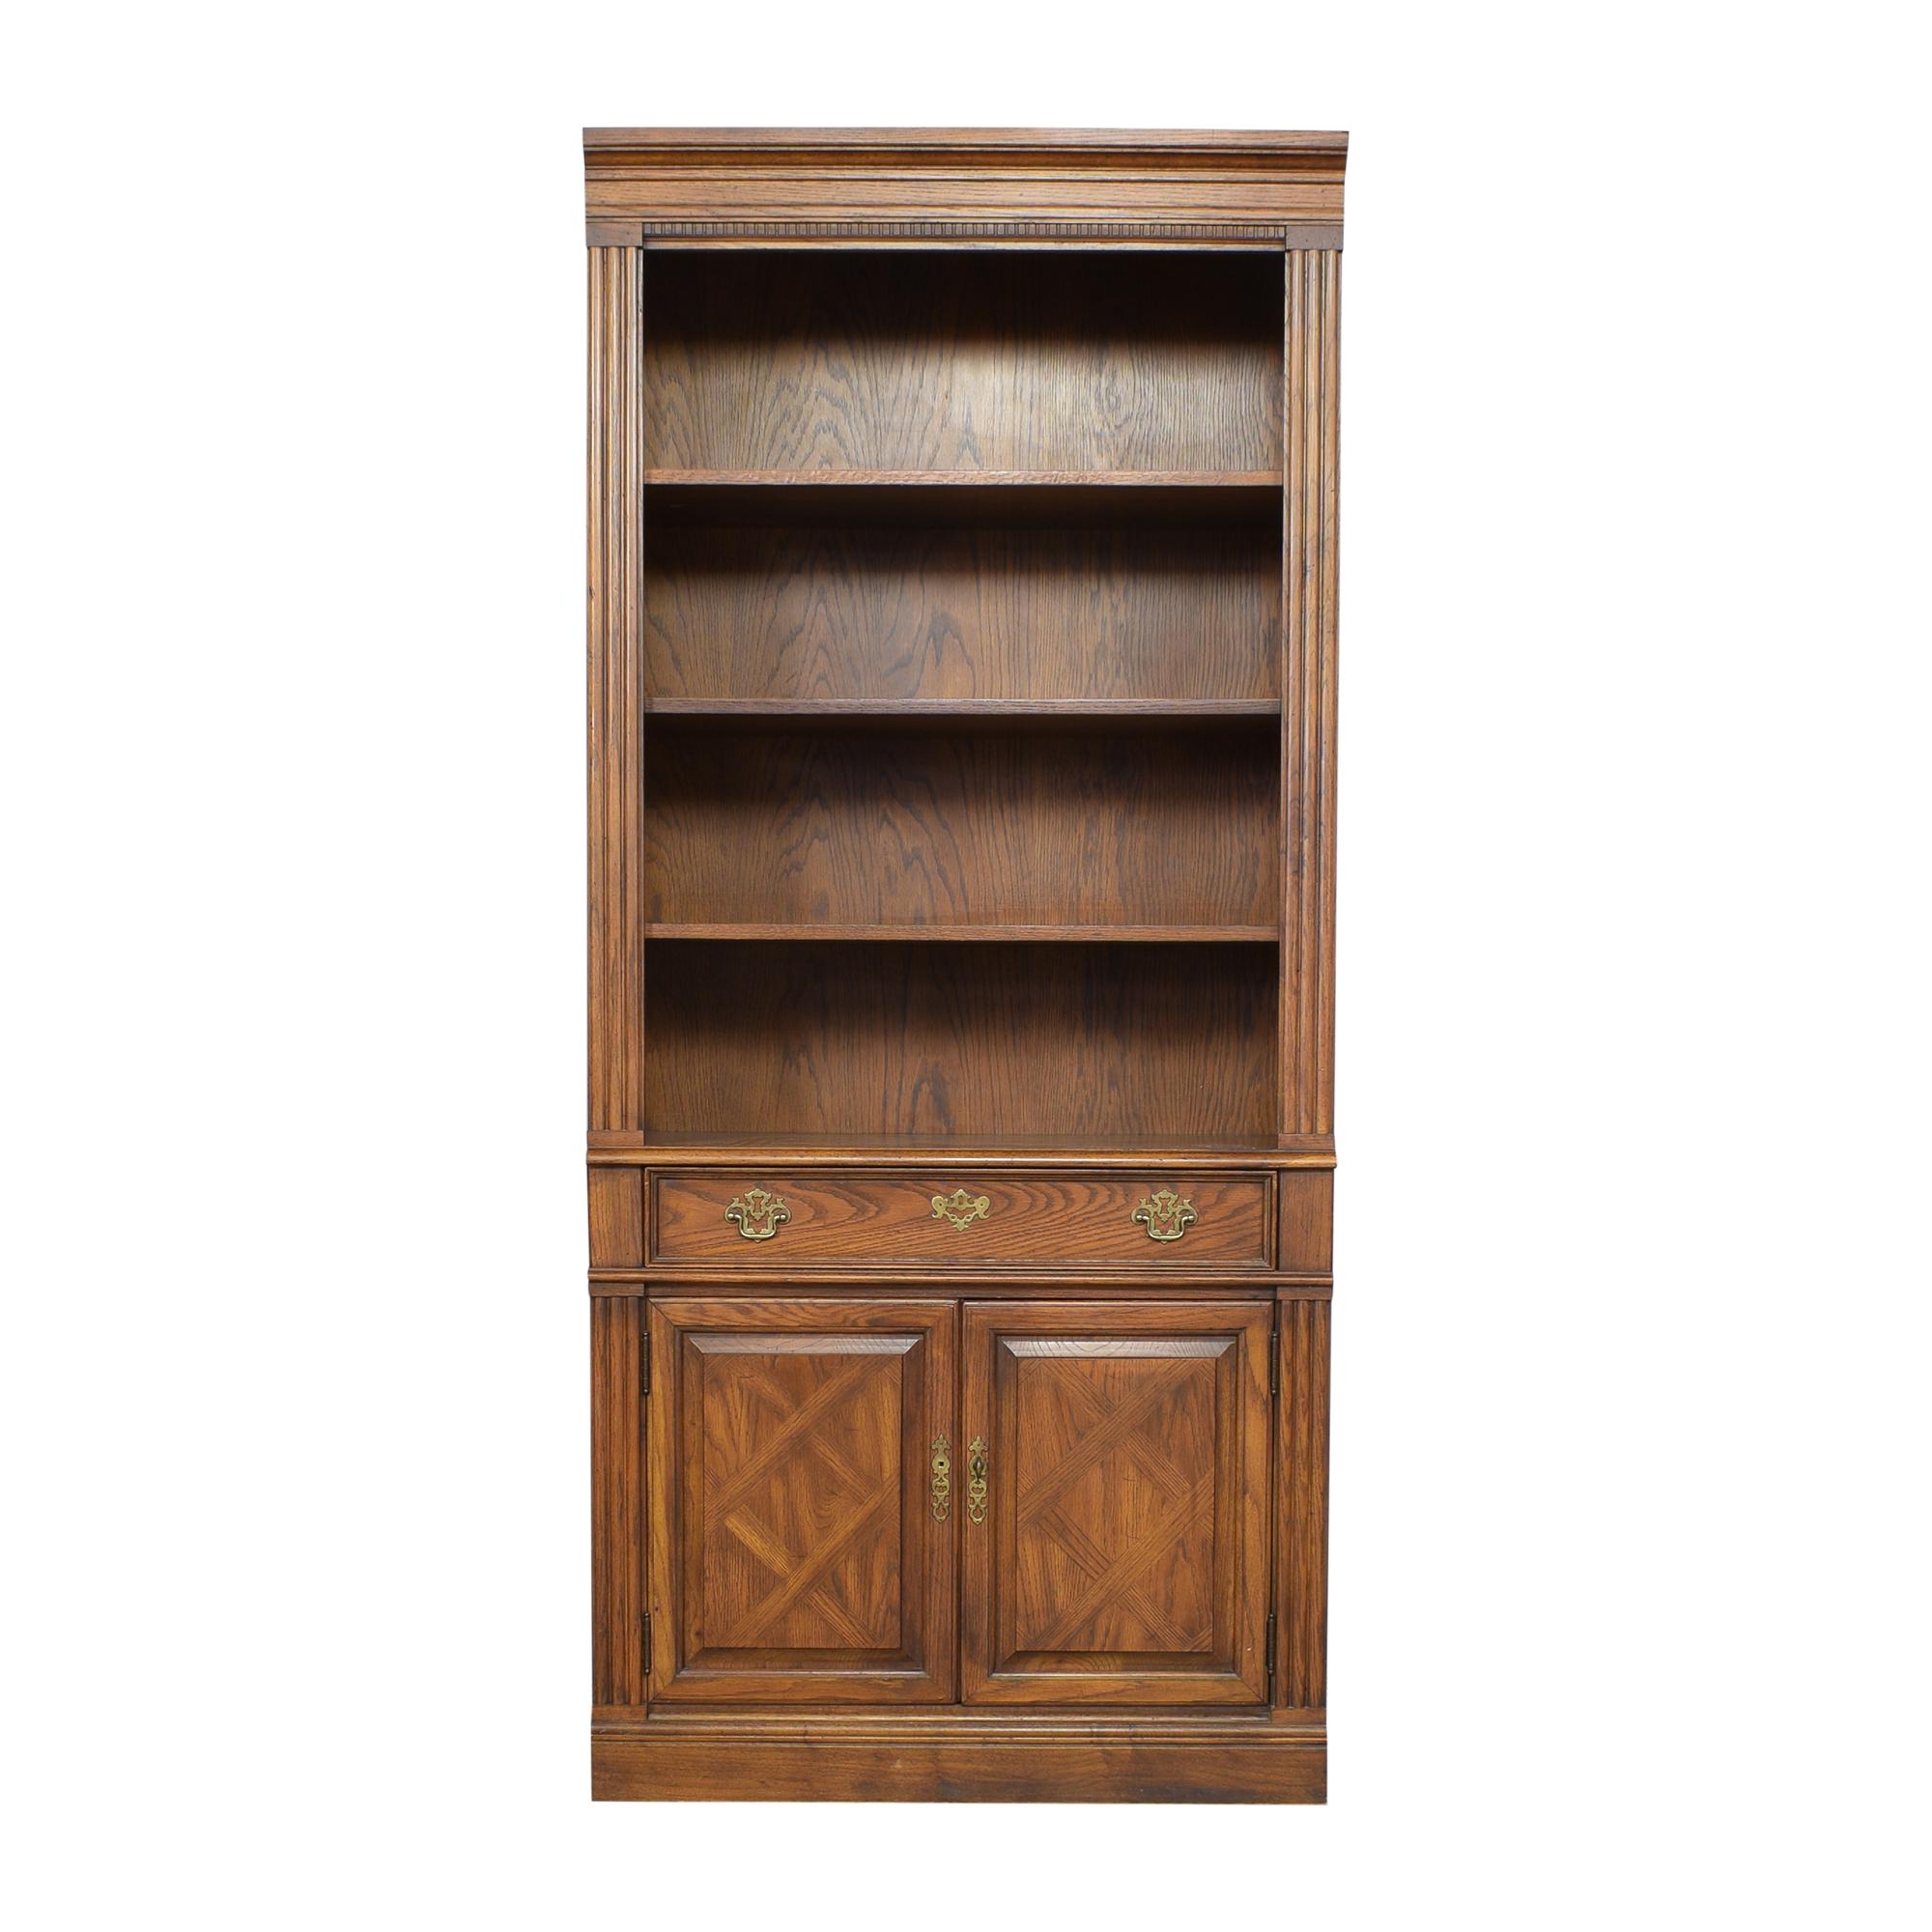 Thomasville Thomasville Bookcase Cabinet on sale